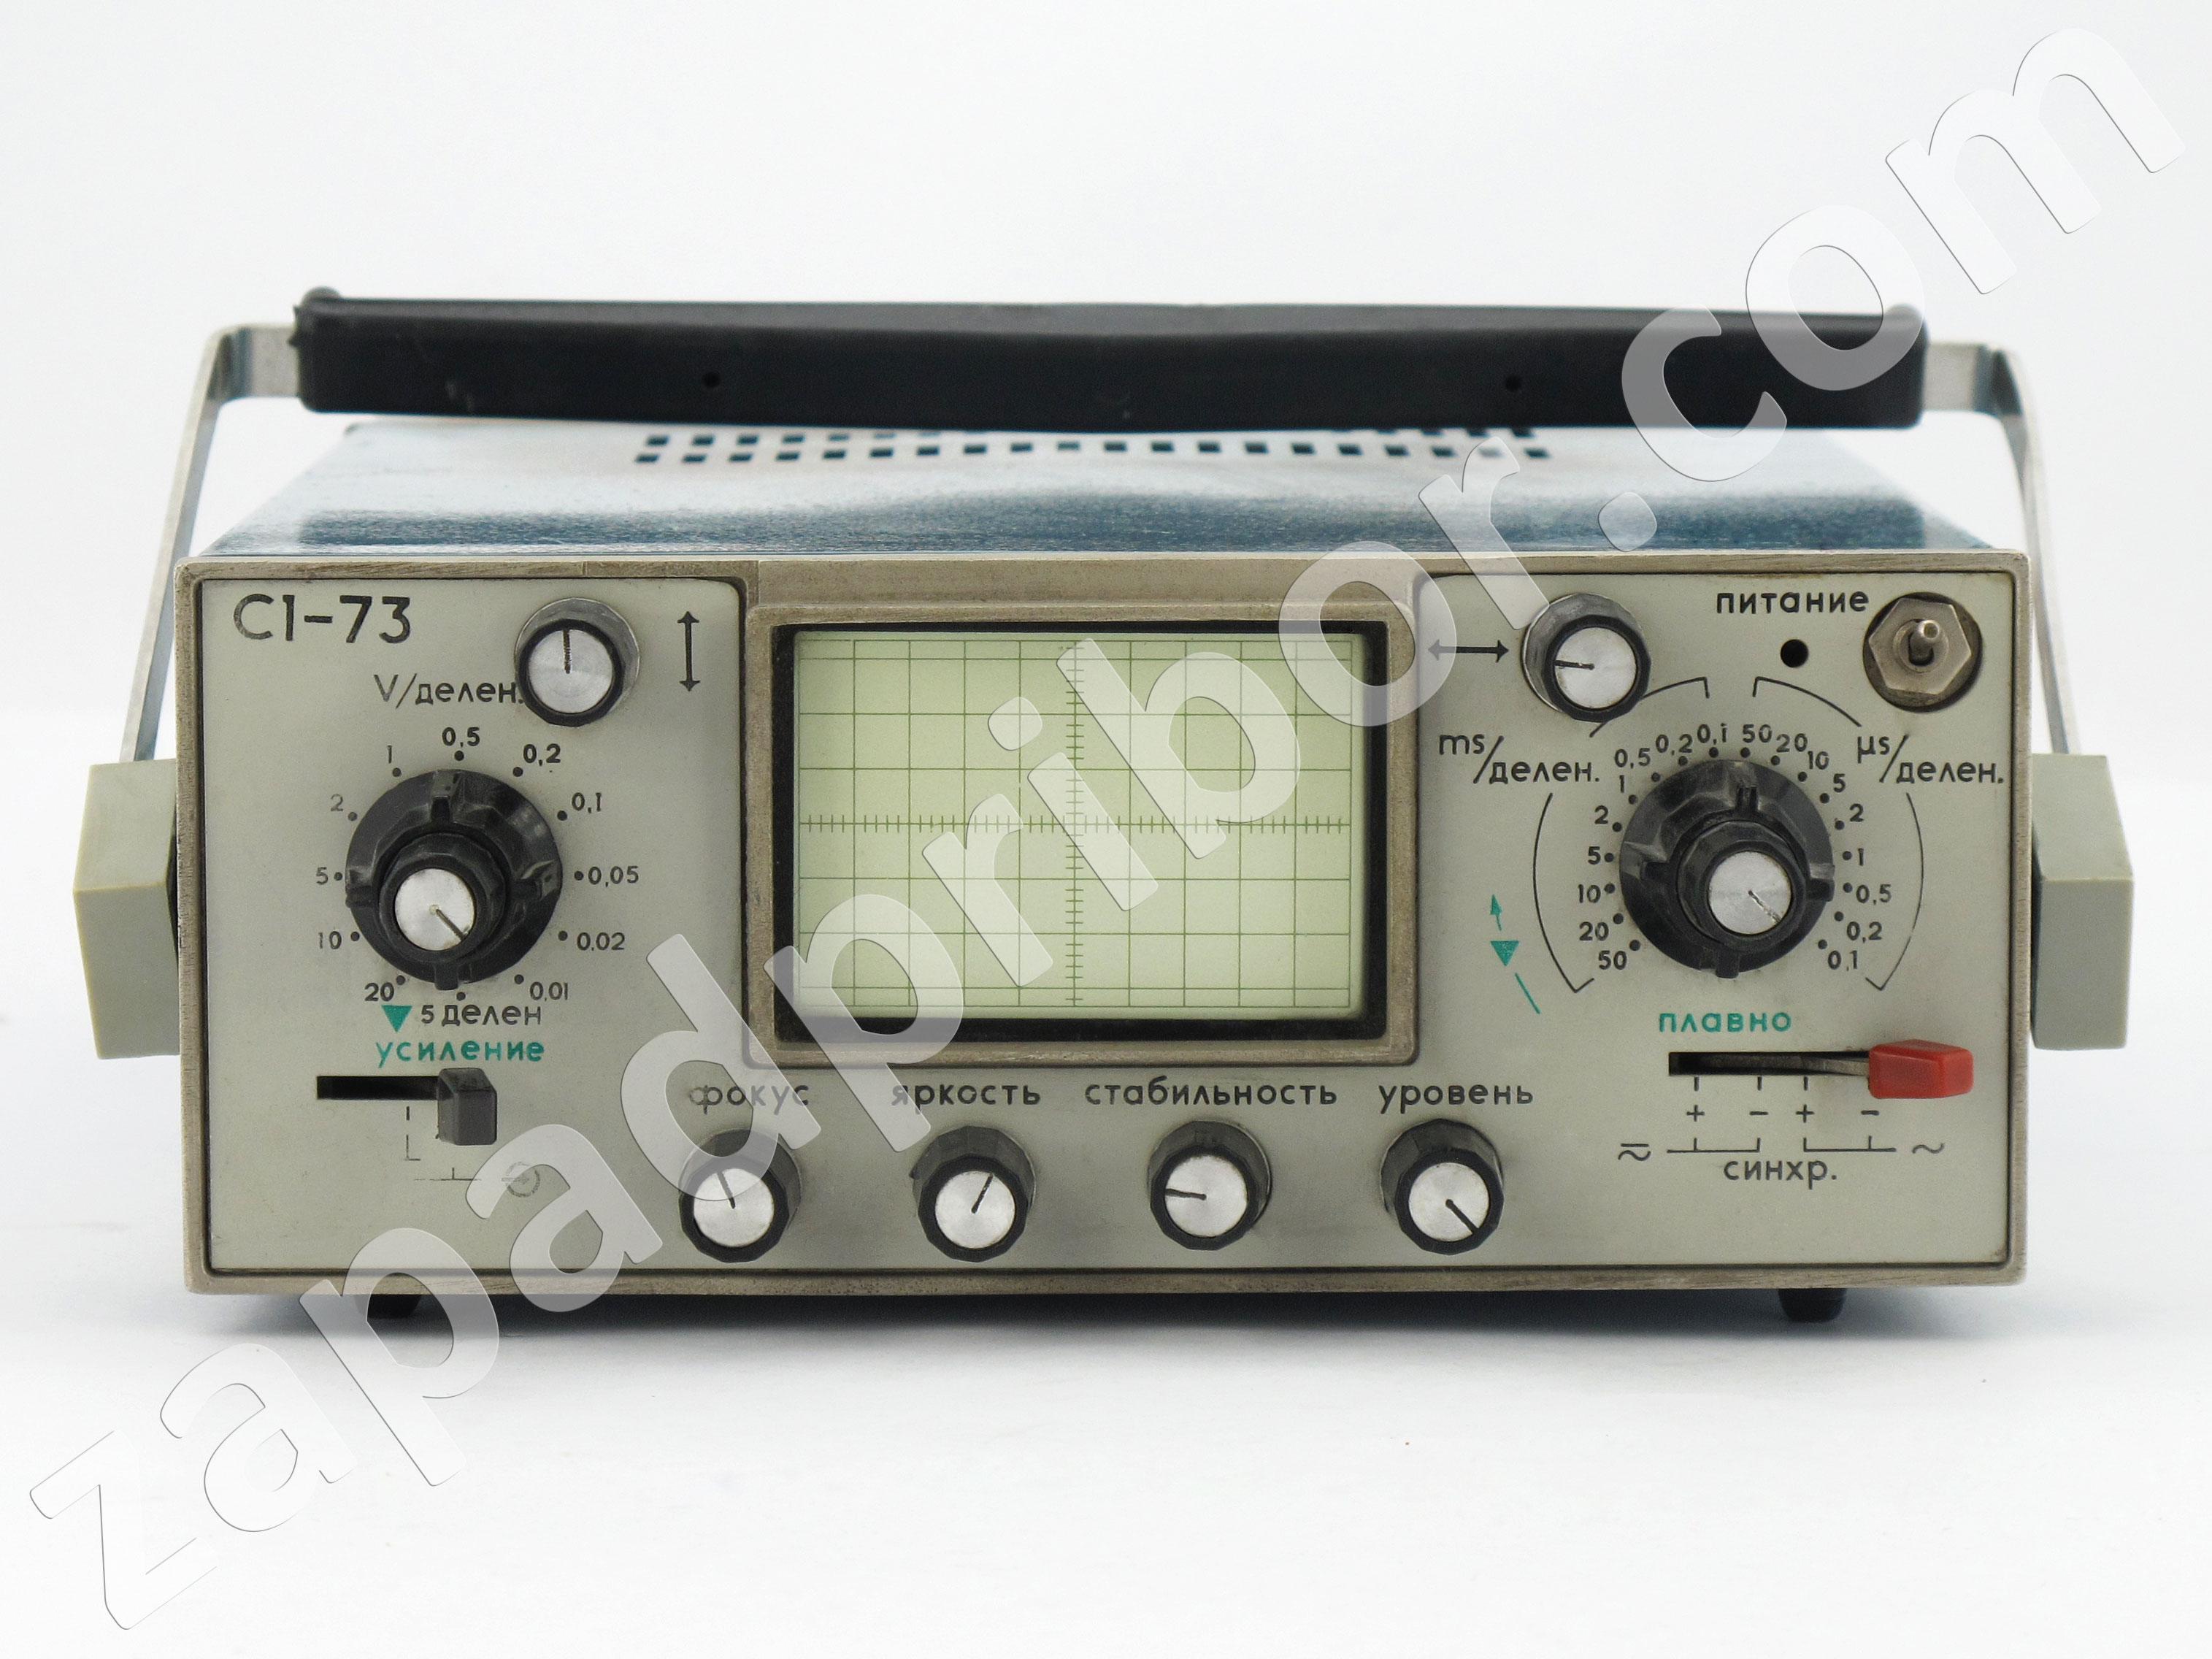 инструкция для осциллографа с1-73